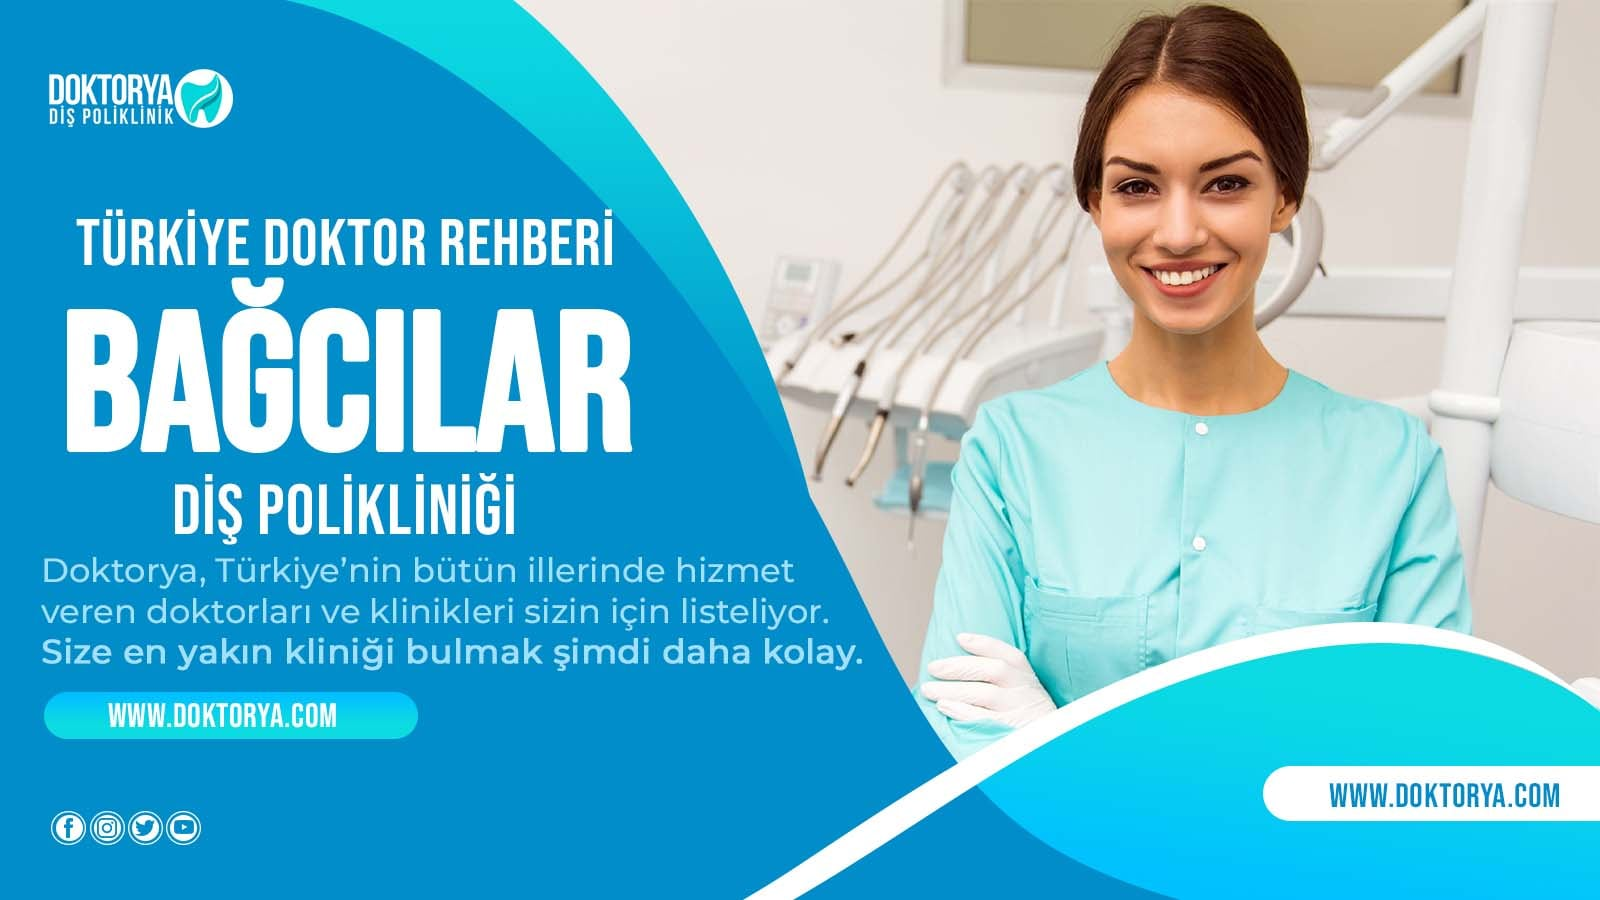 Bağcılar Diş Poliklinik